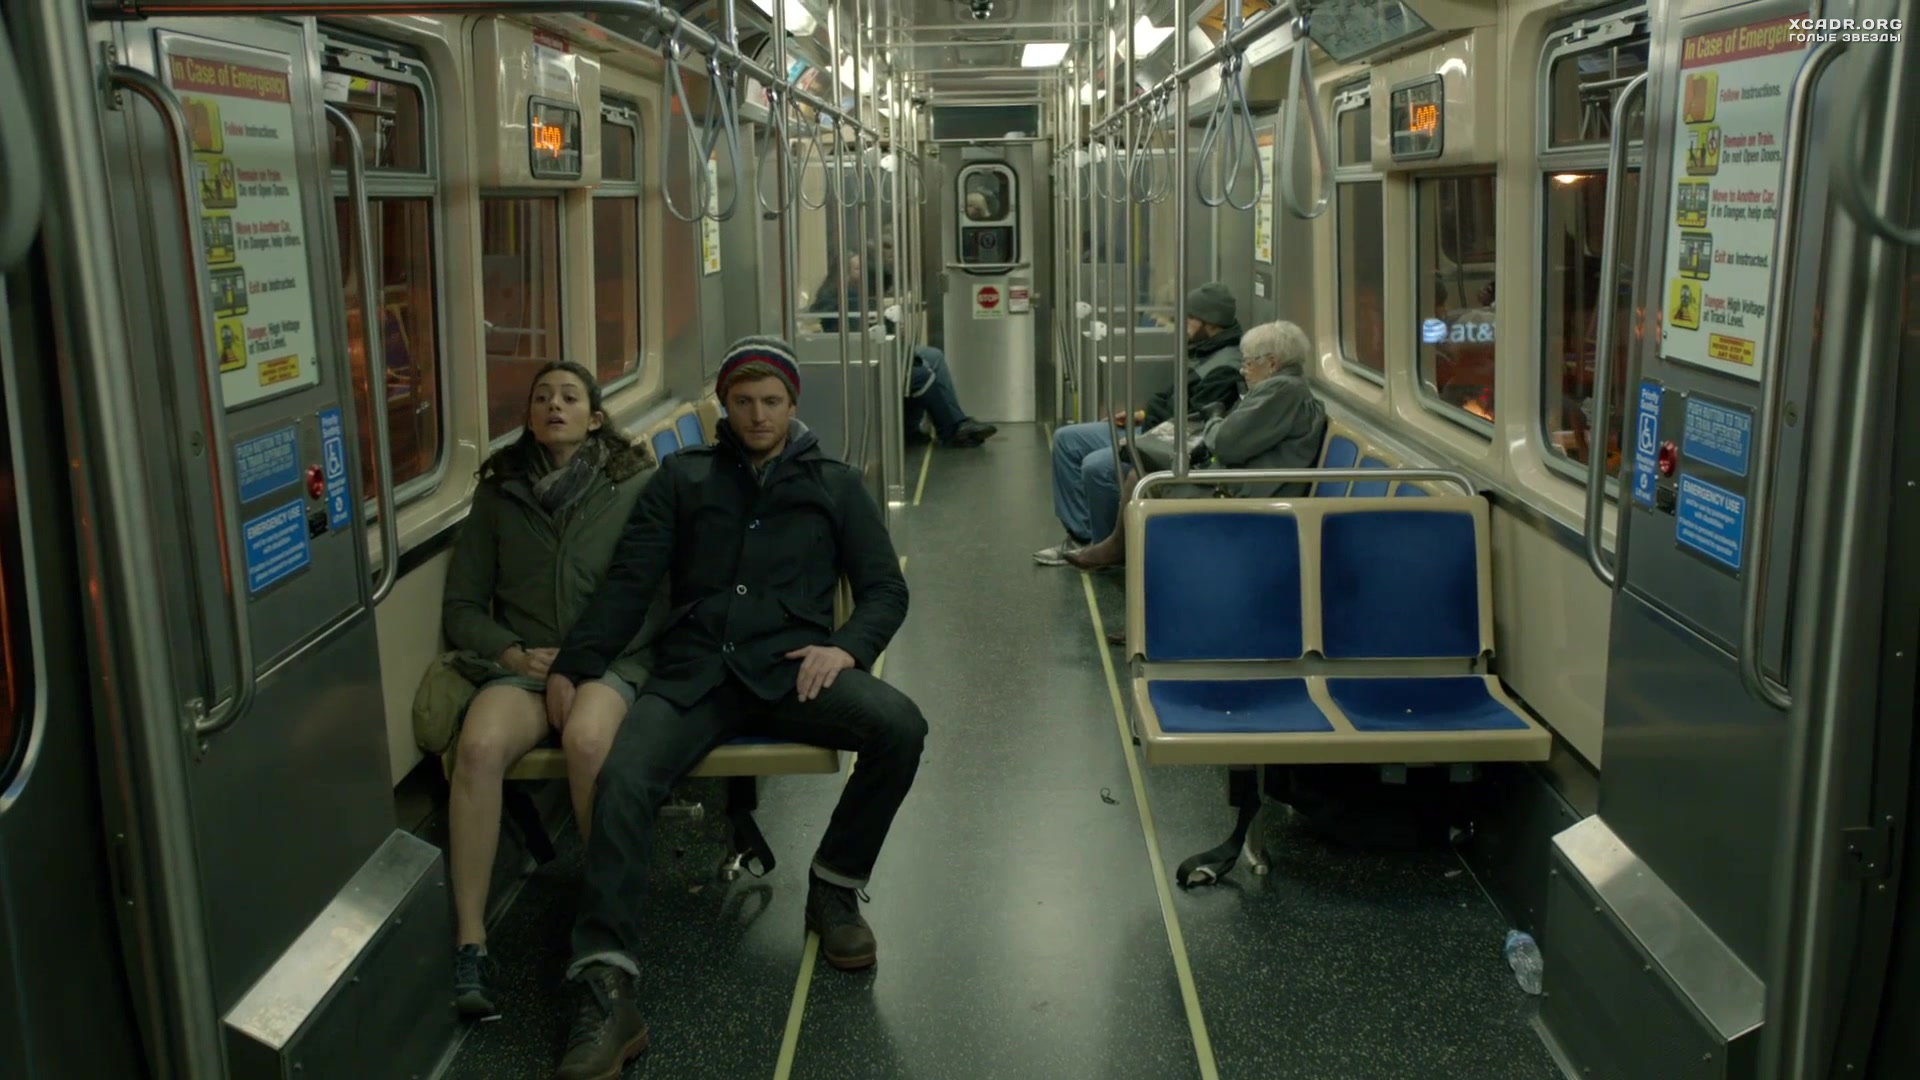 мастурбируют в метро